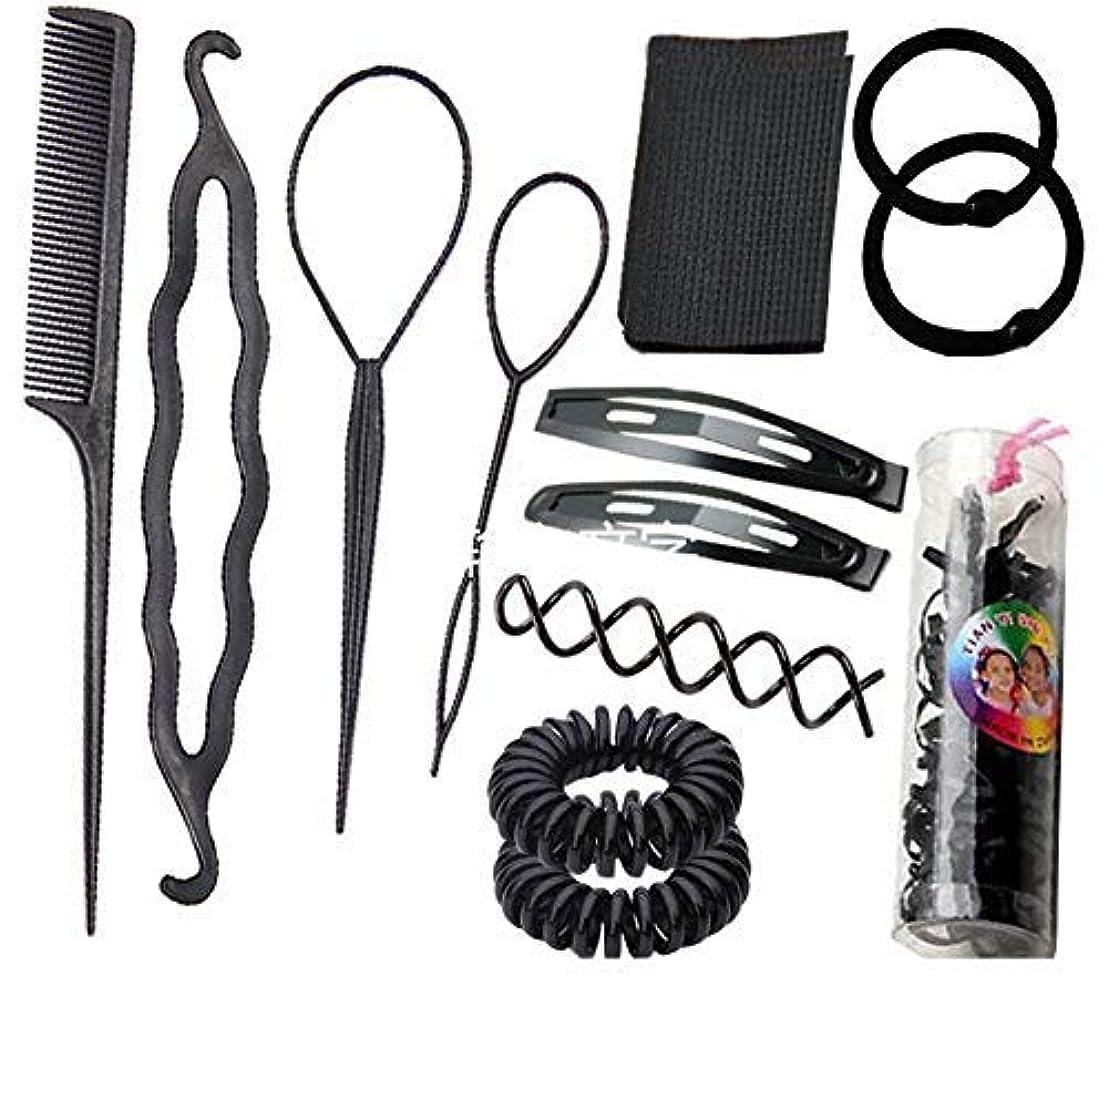 死の顎アボート敏感な1 Set Black 13 in 1 Hair Style Making Accessories Kits Hair Comb Metal Hairpins Hair Tools Hair Ropes Fringes...